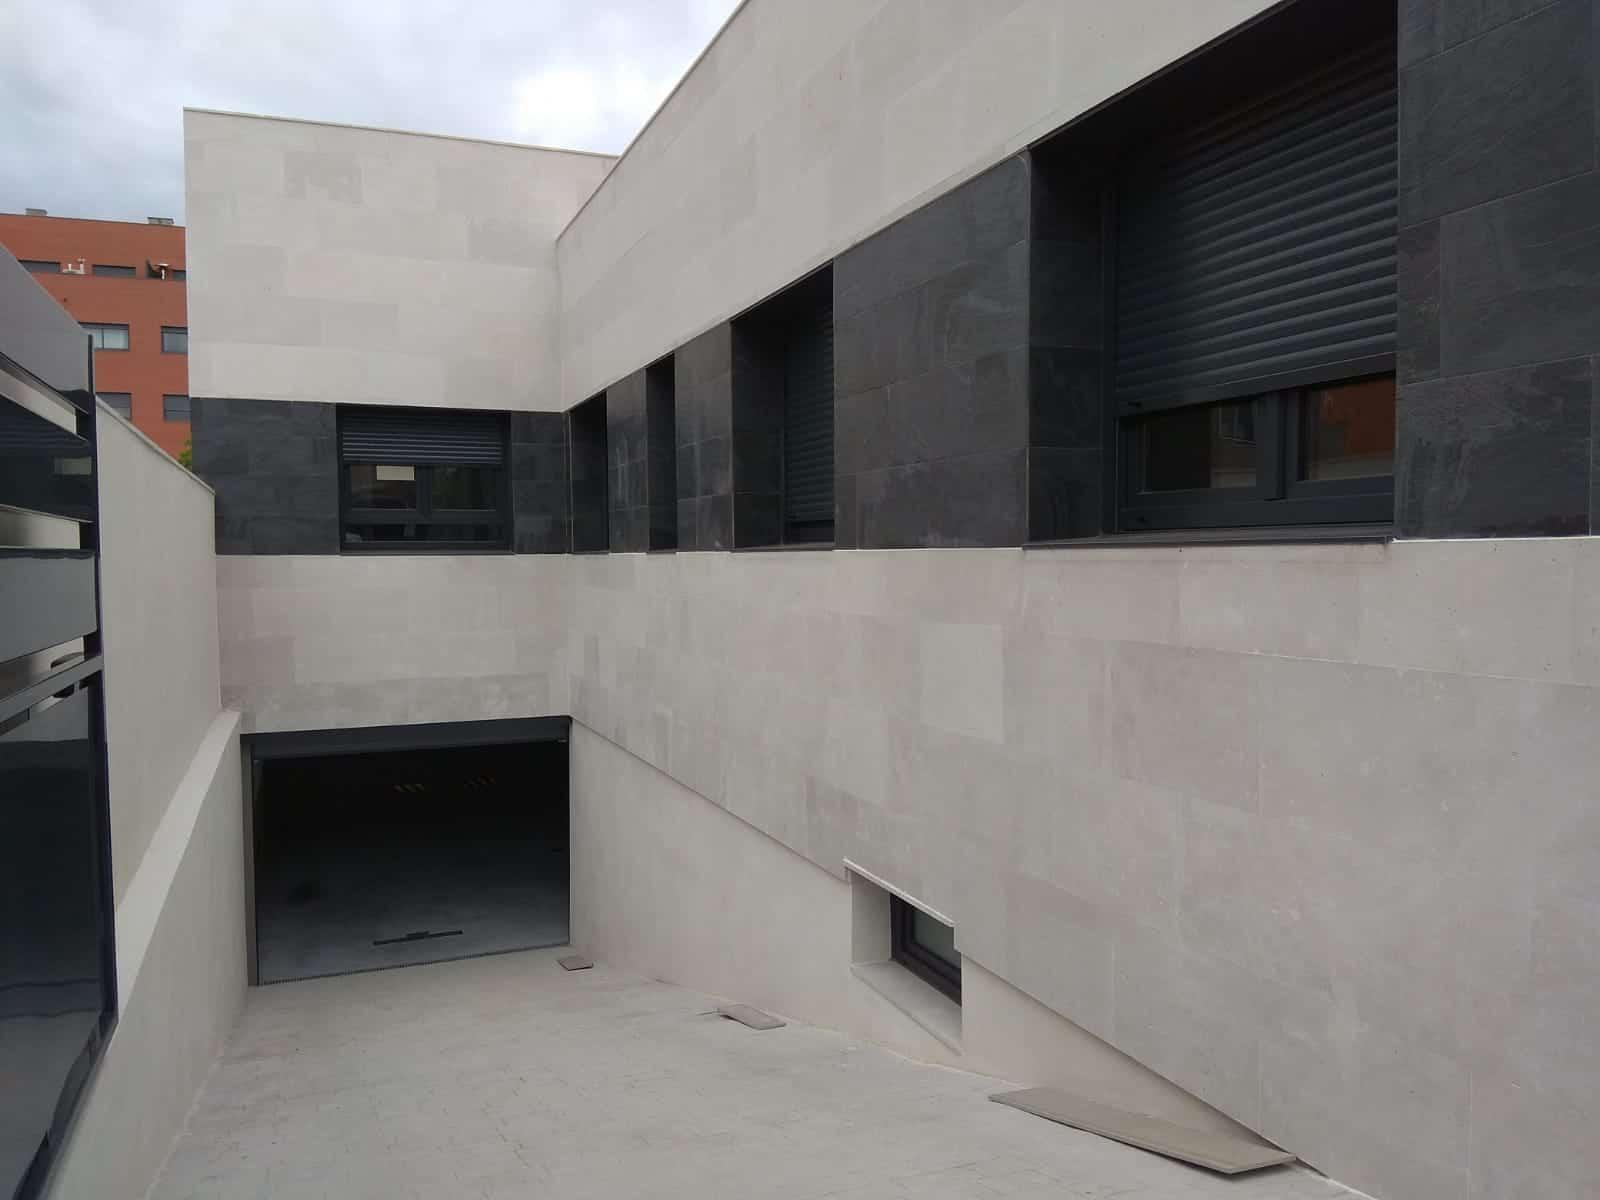 05 11, Crisalida Arquitectura